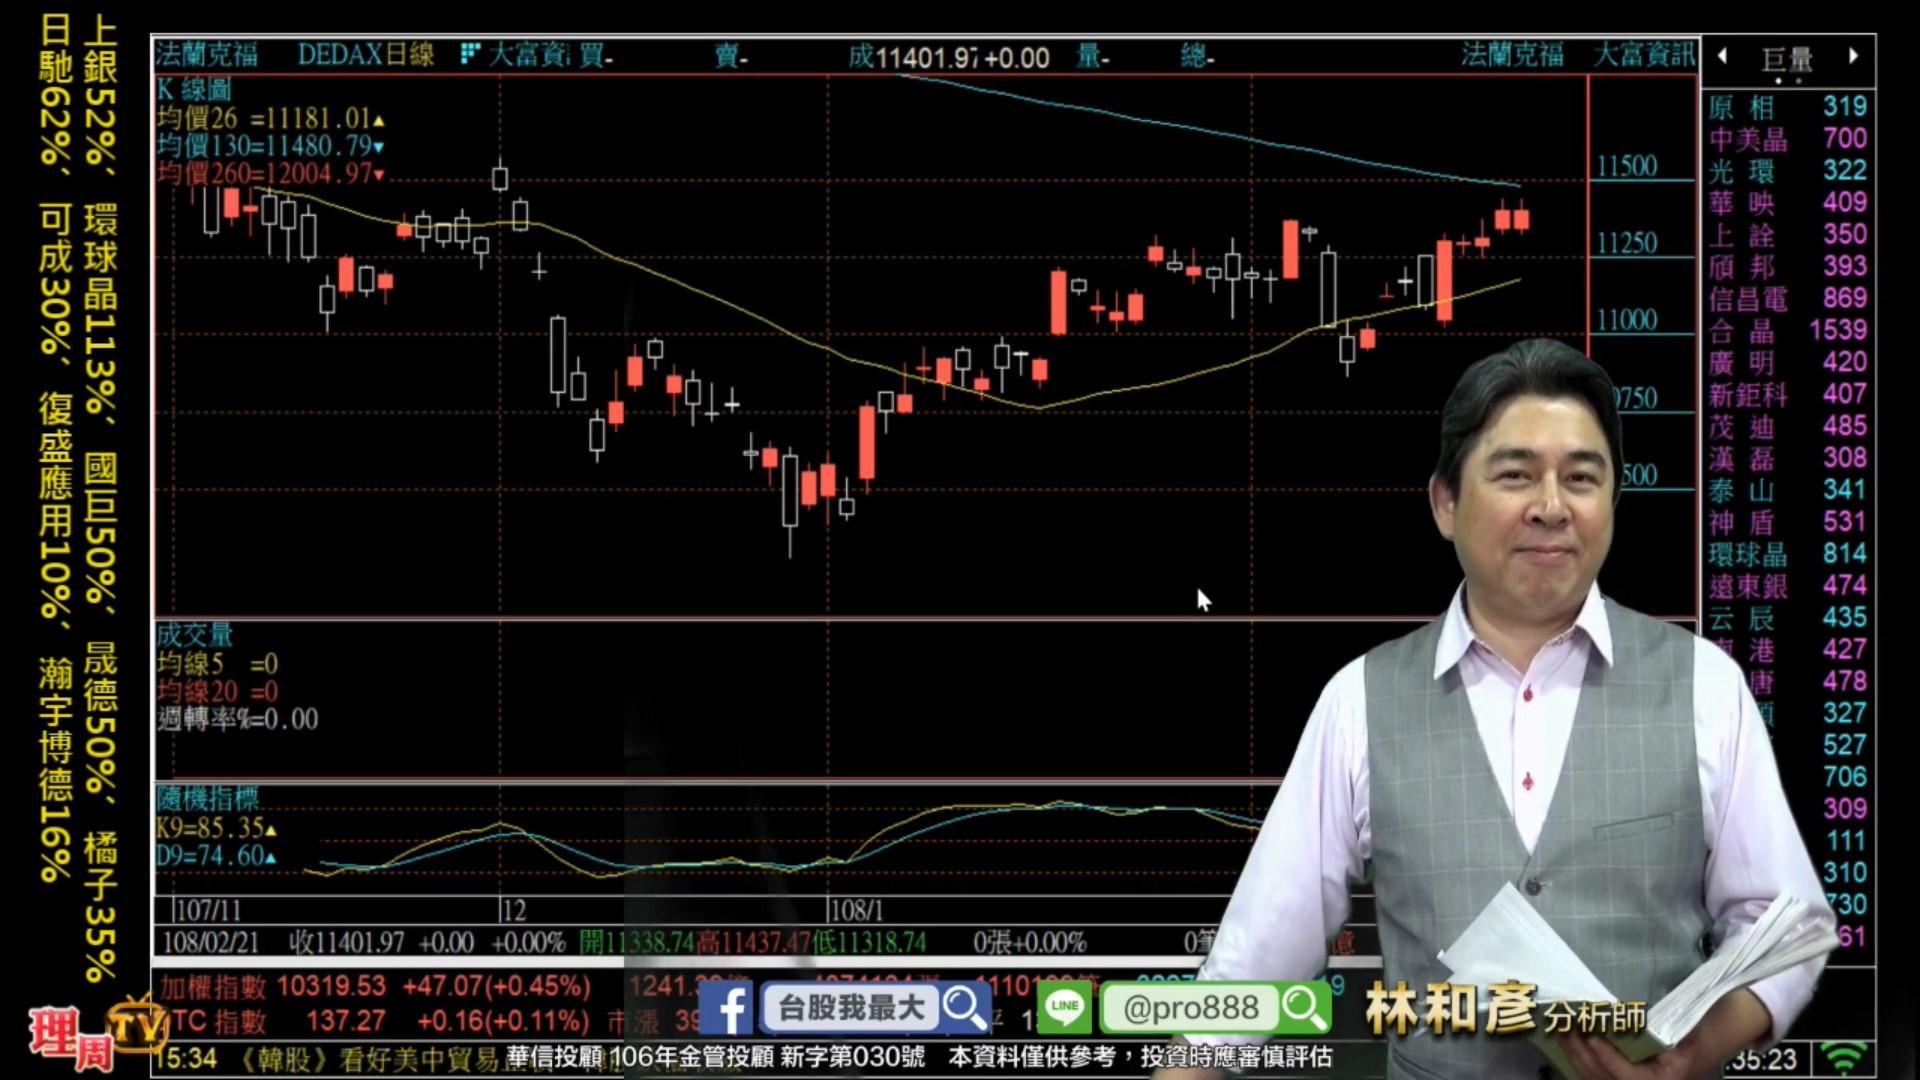 0221 台股漲1000點了 135家漲幅超過50% 你有沒有賺翻..【單股週週發 週薪168】